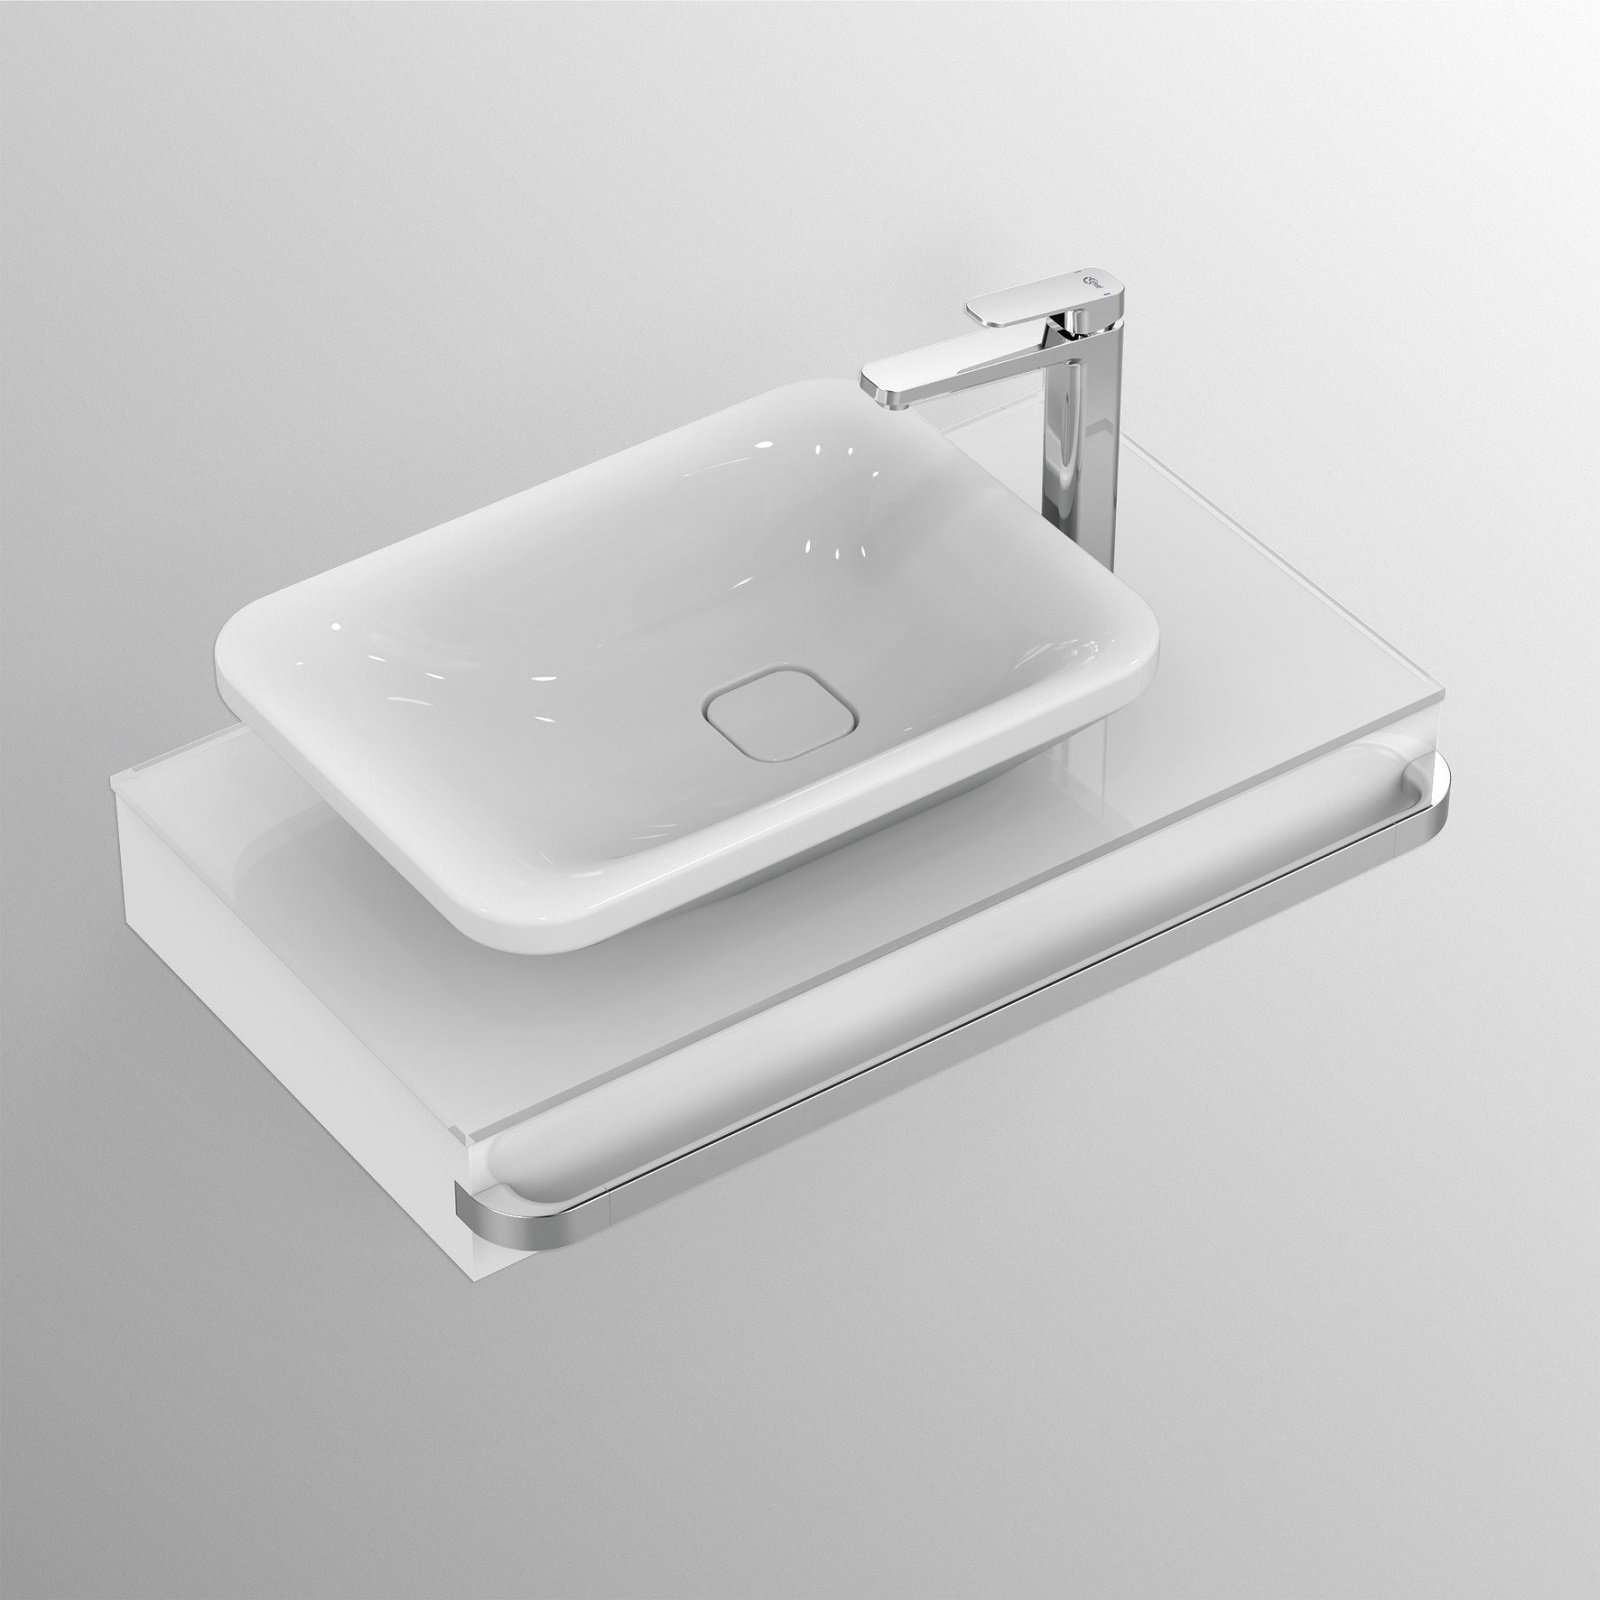 Mensole e piani d 39 appoggio per il lavabo cose di casa for Mensole cubo leroy merlin